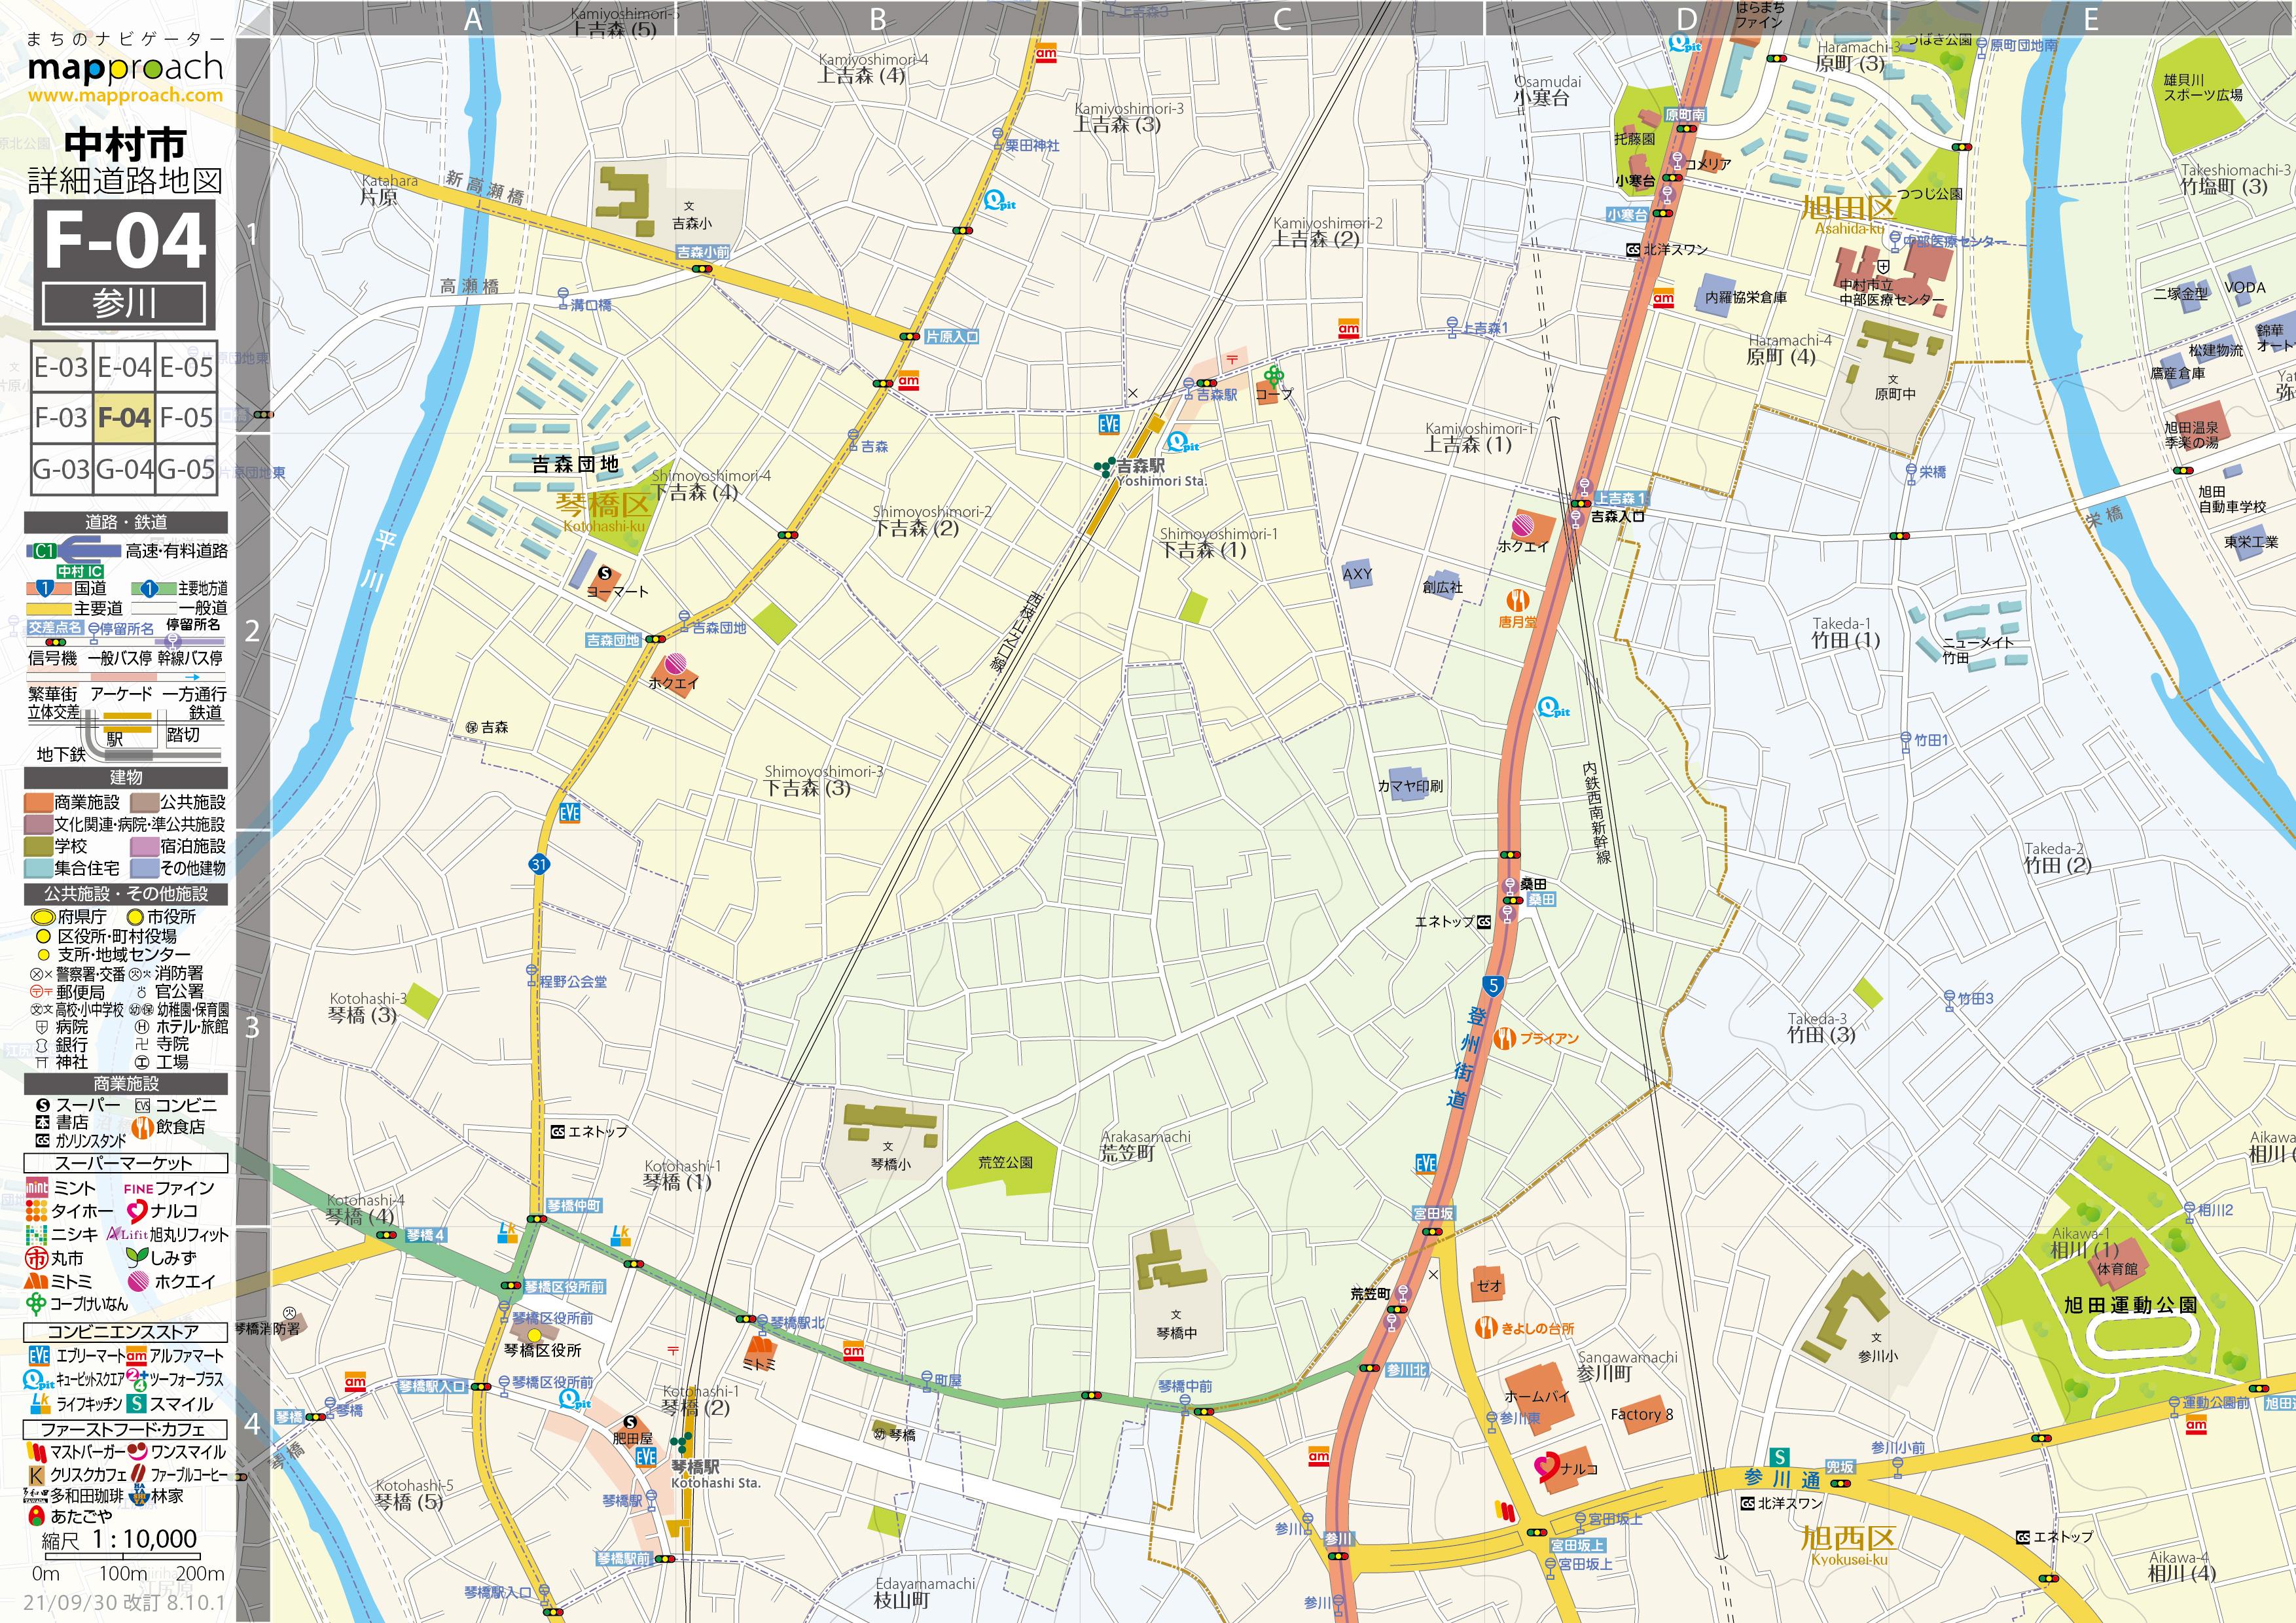 F-04 参川 地図拡大